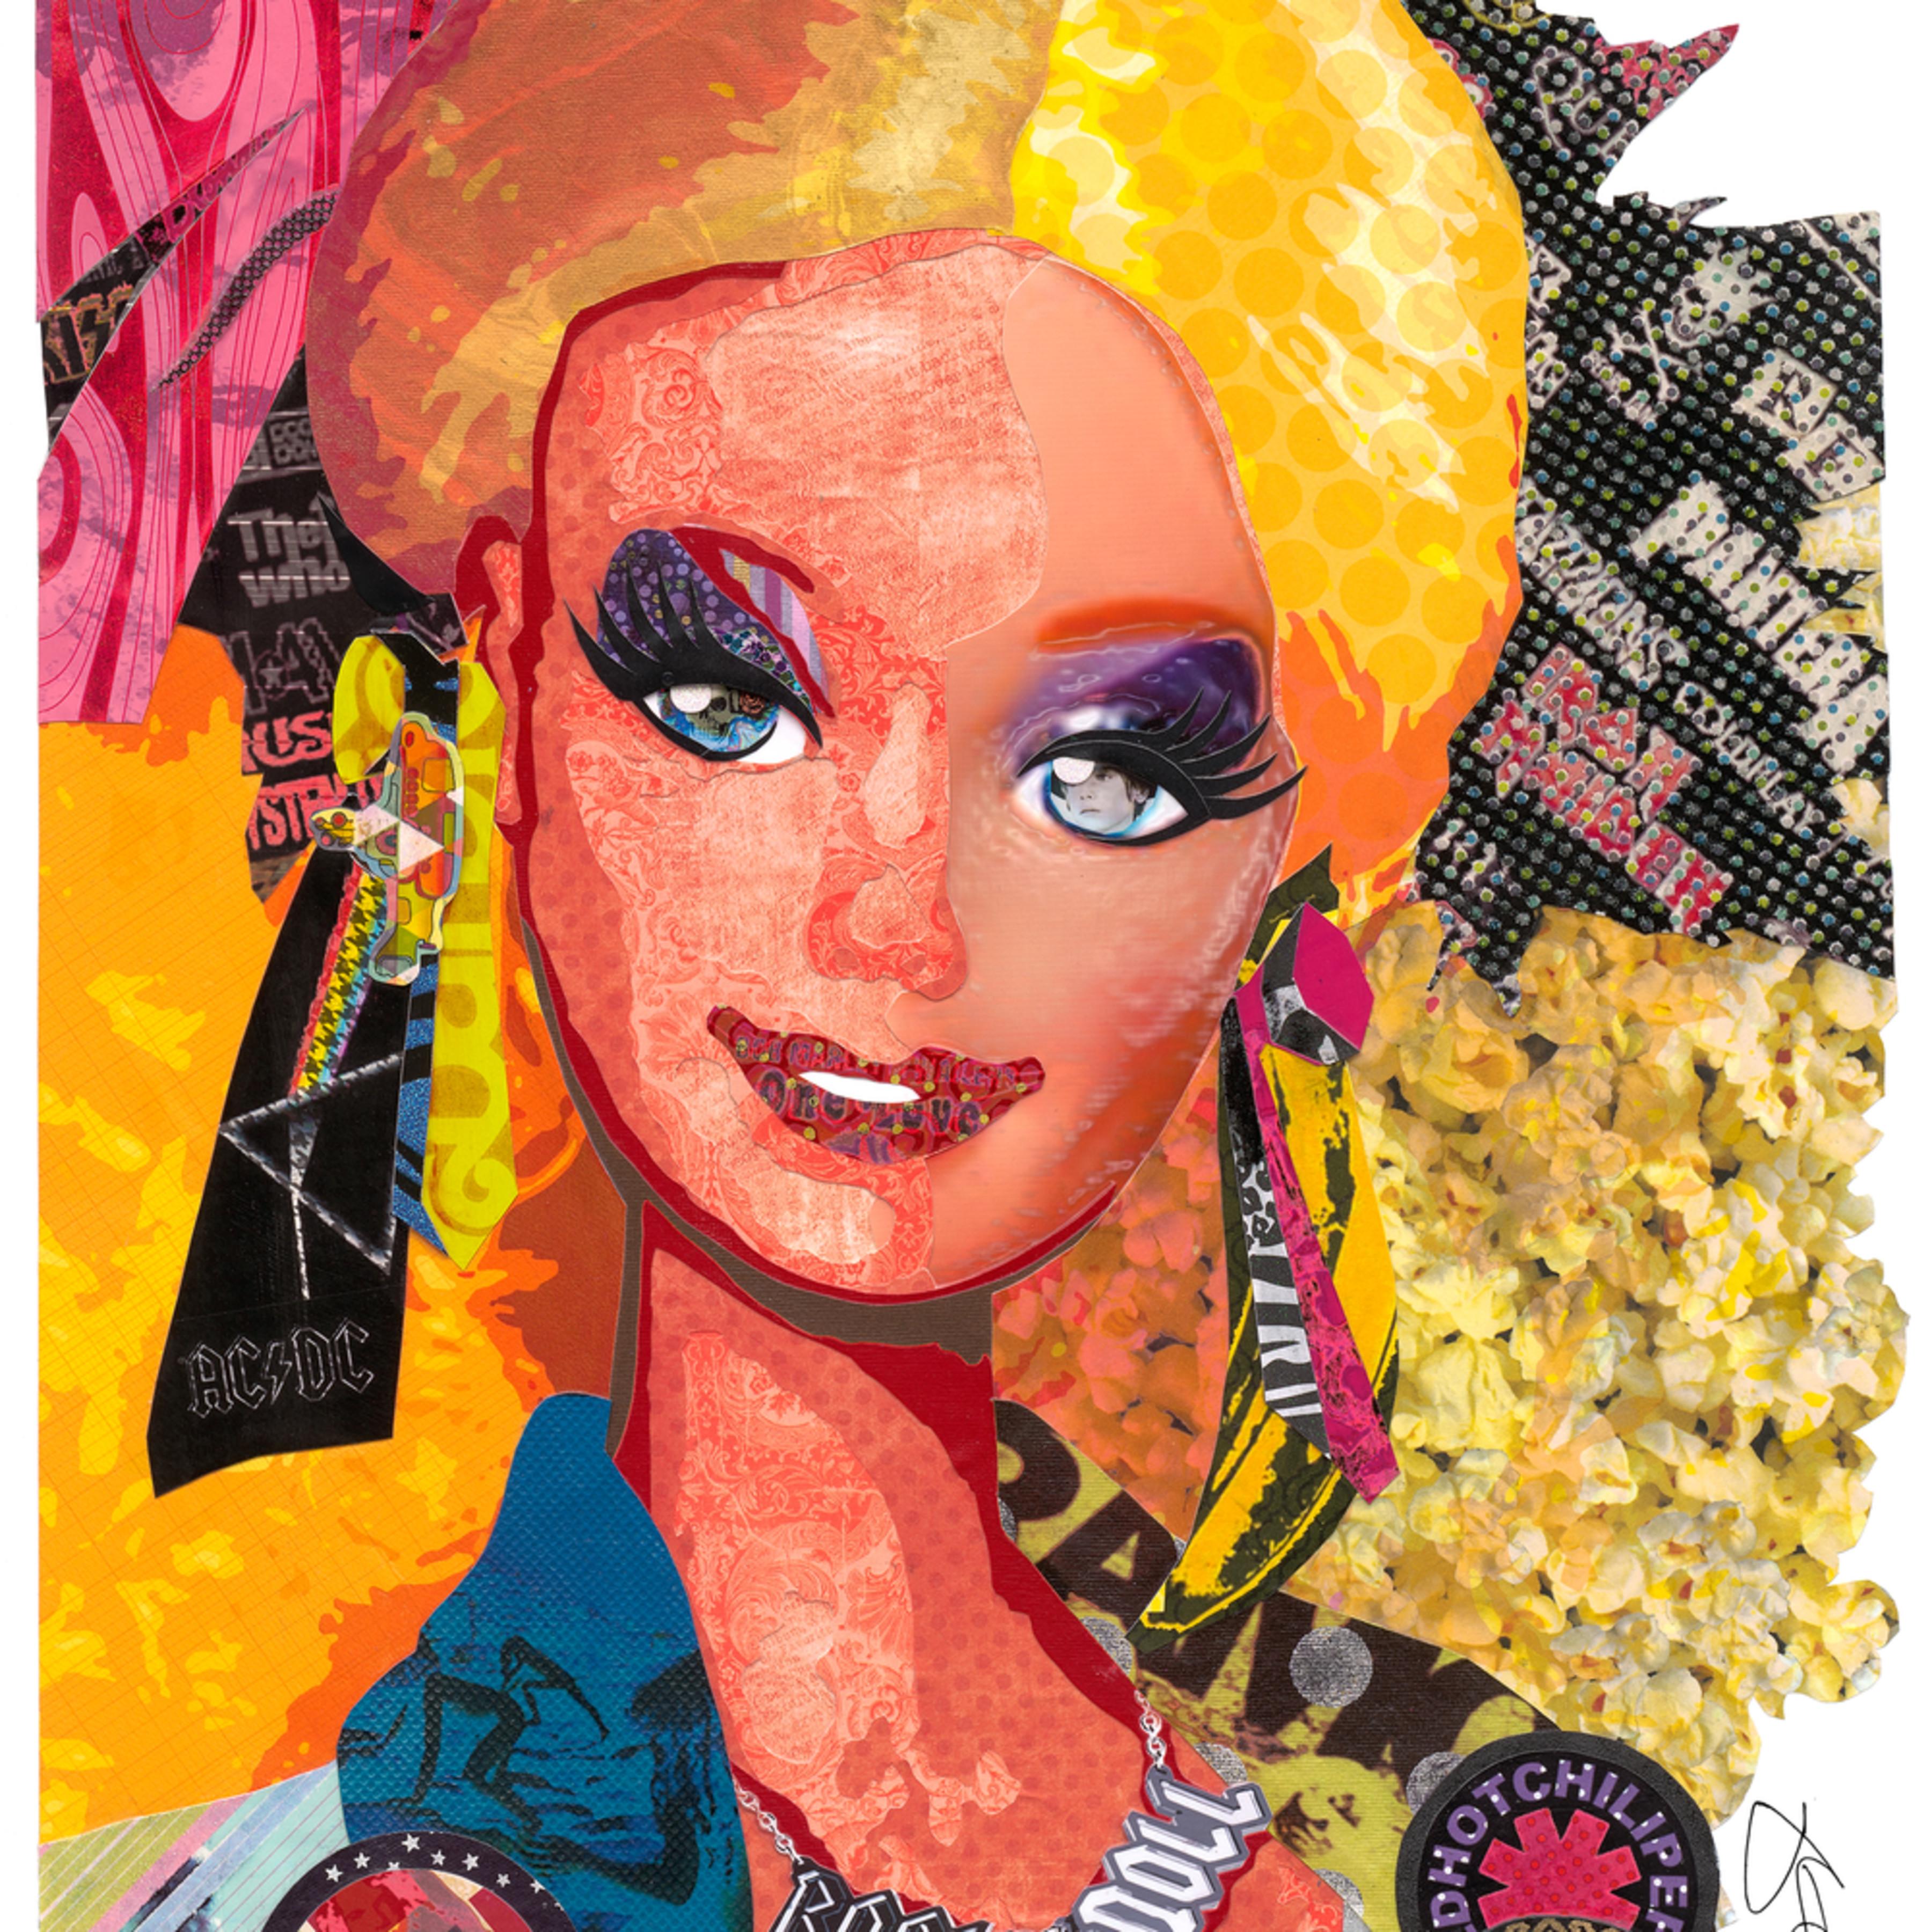 Barbie 12 x 16 signed t0ue67